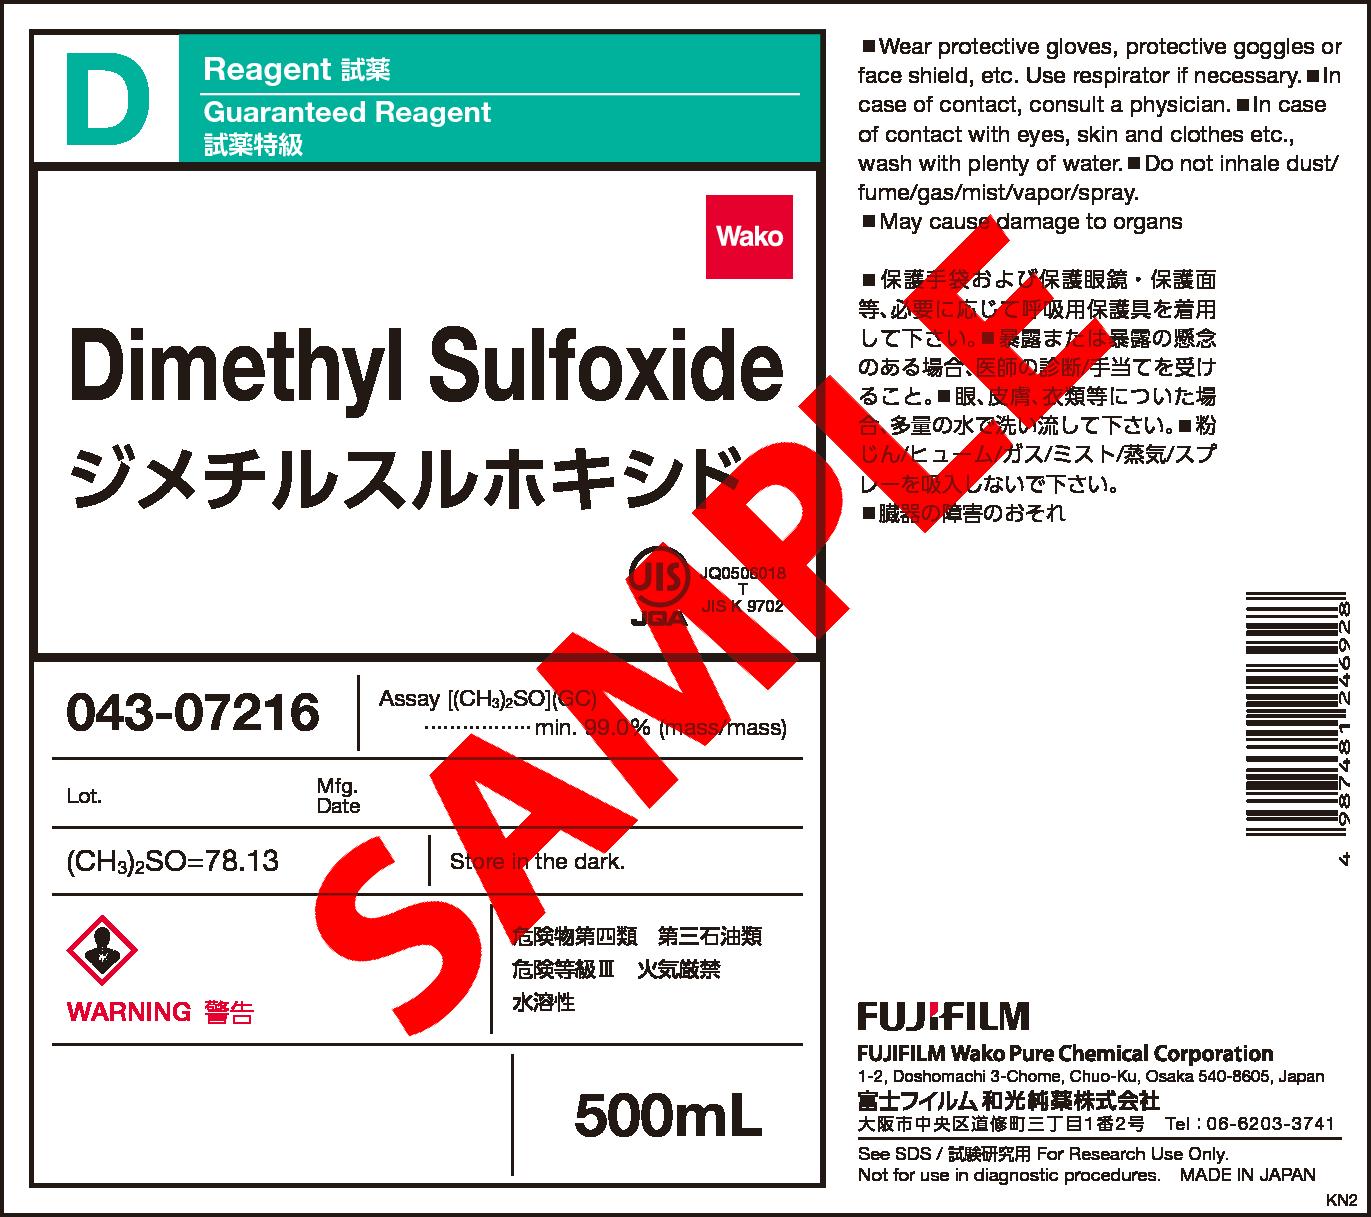 67-68-5・Dimethyl Sulfoxide・043-07211・041-07217・049-07213・043